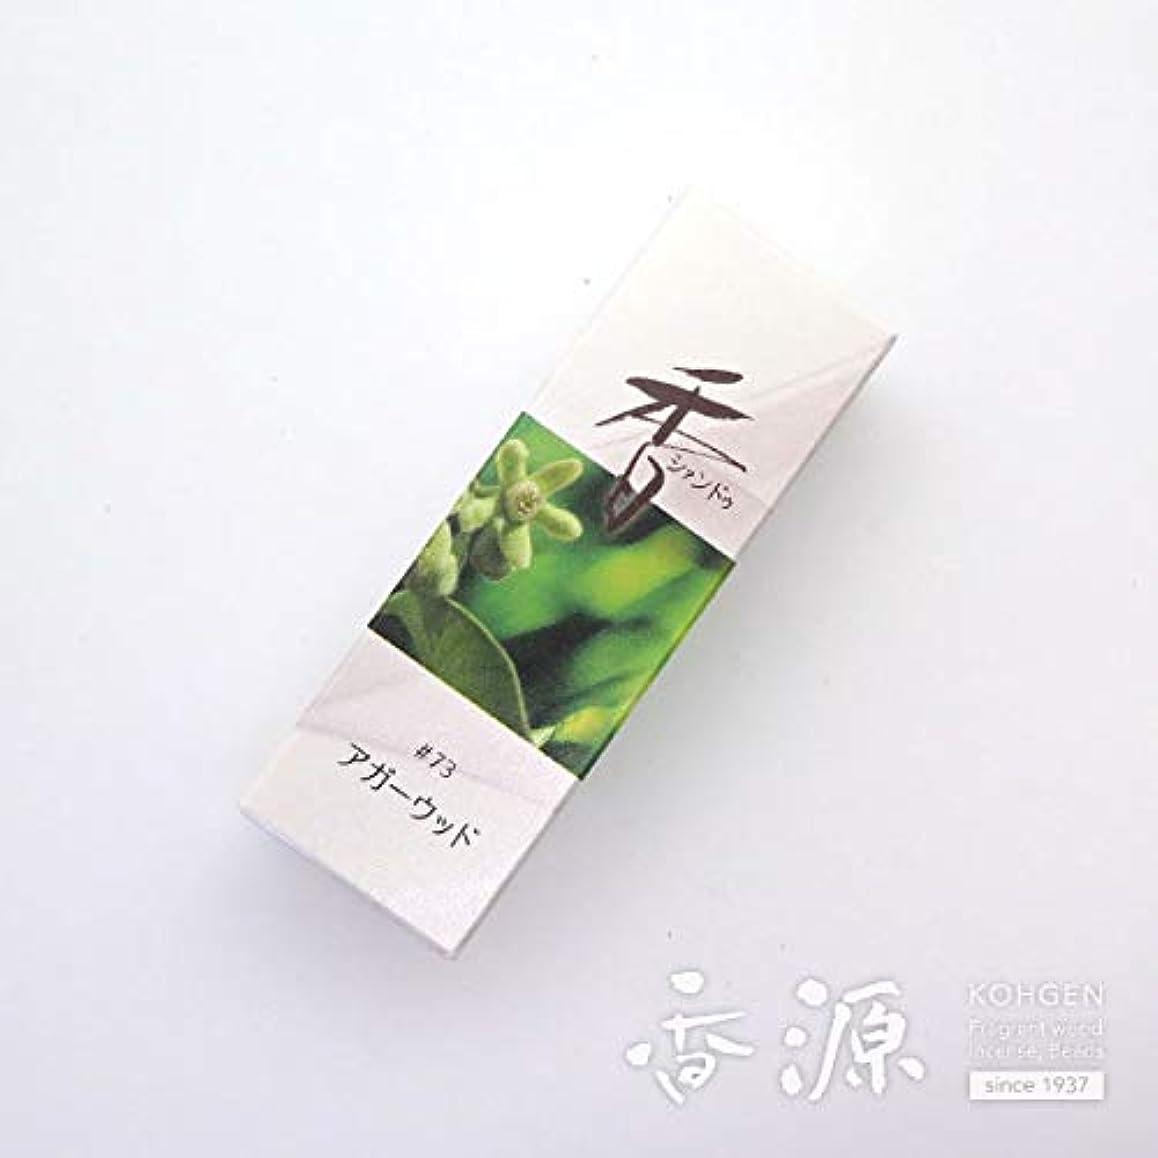 羊の傾斜理容室松栄堂のお香 Xiang Do(シャンドゥ) アガーウッド ST20本入 簡易香立付 #214273